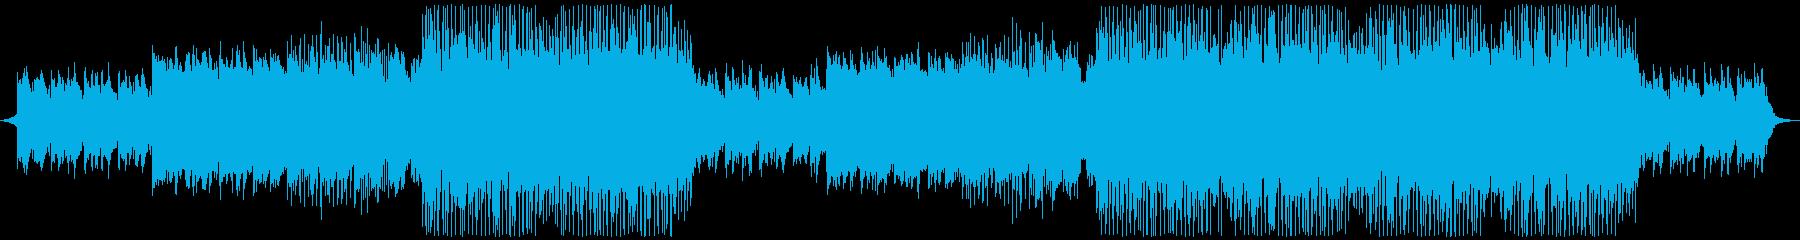 オープニング・スポーツ 洋楽EDMの再生済みの波形